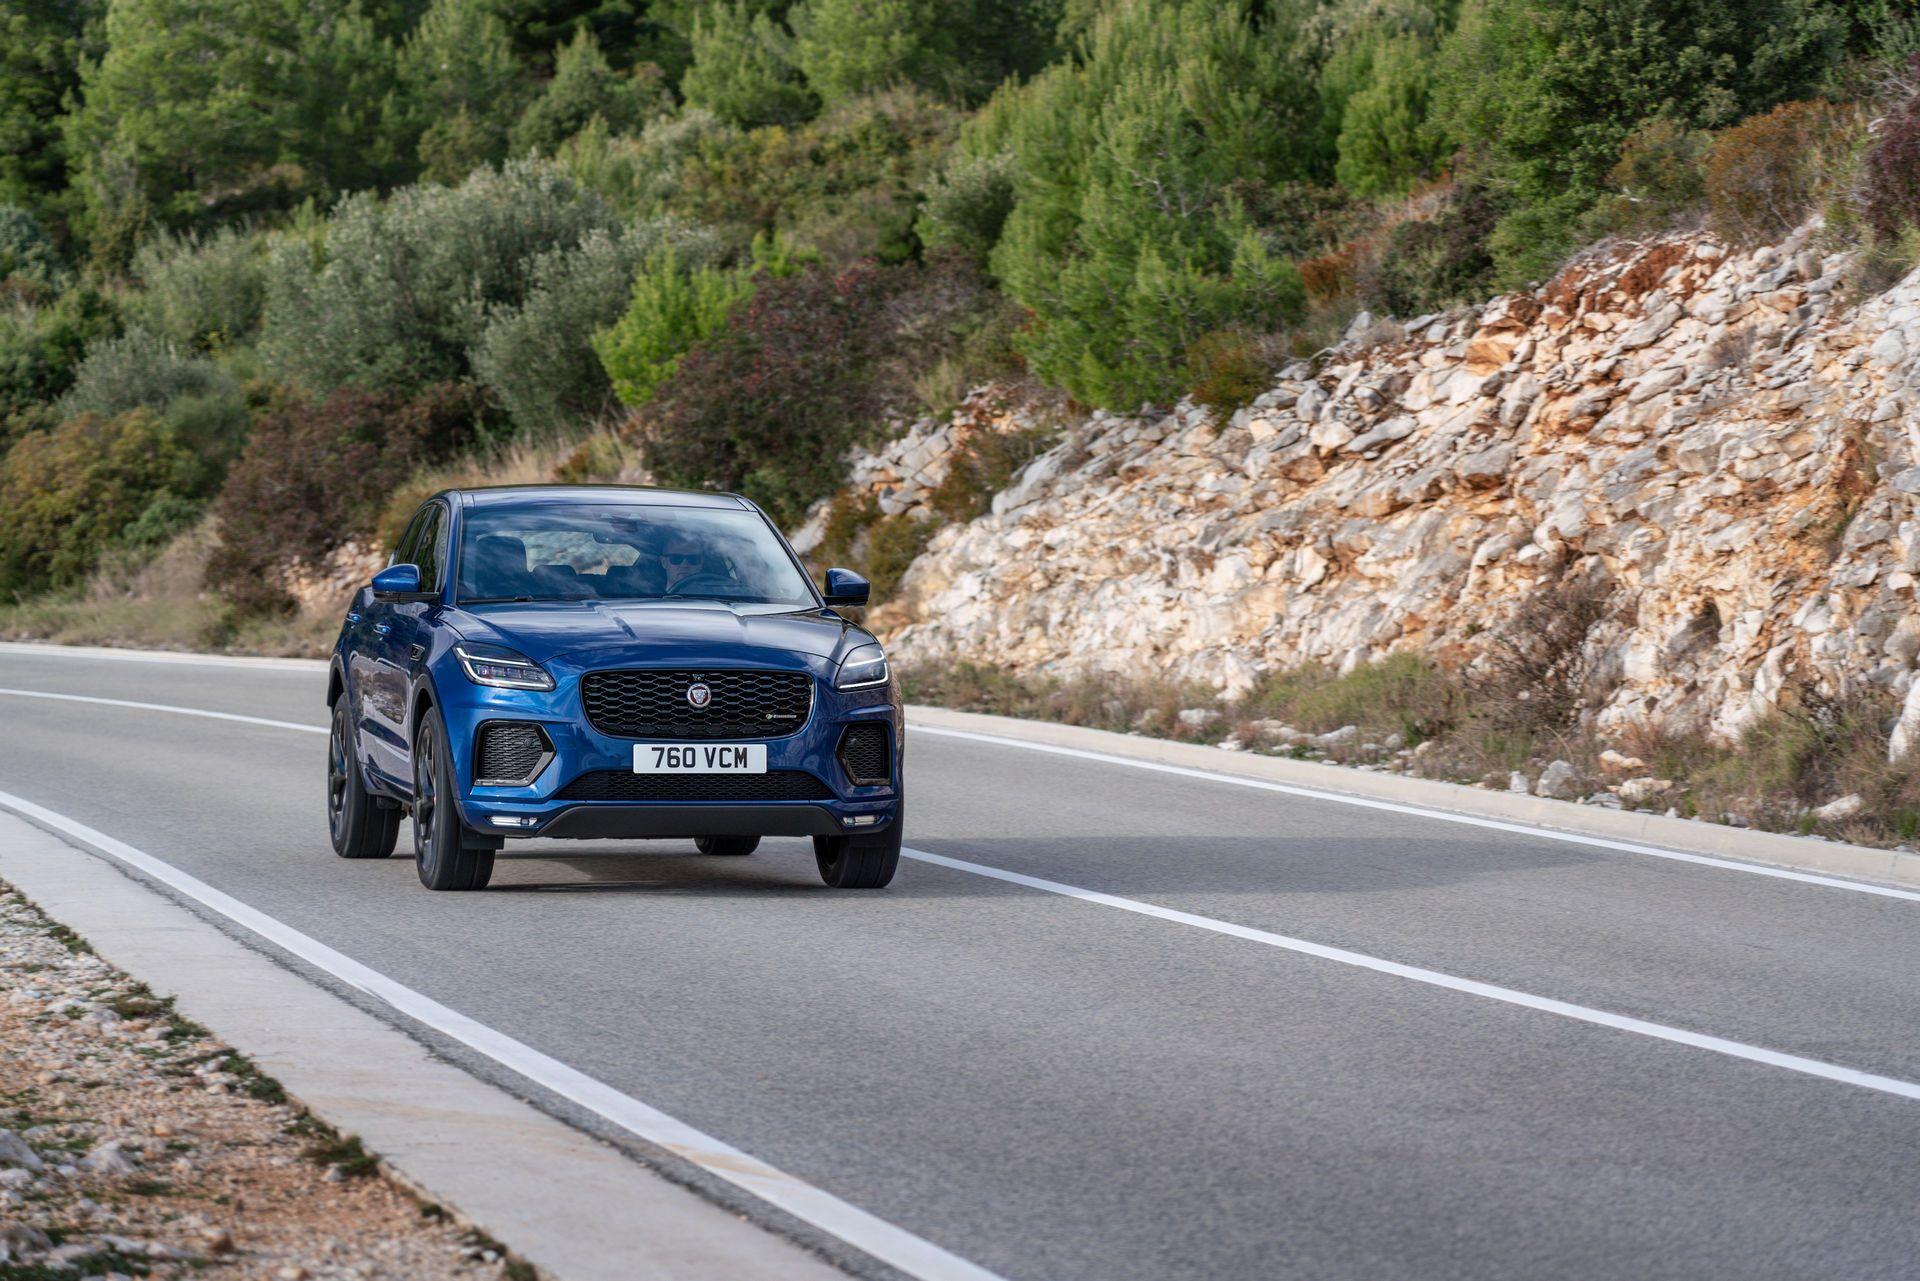 Jaguar-E-Pace-facelift-2021-22